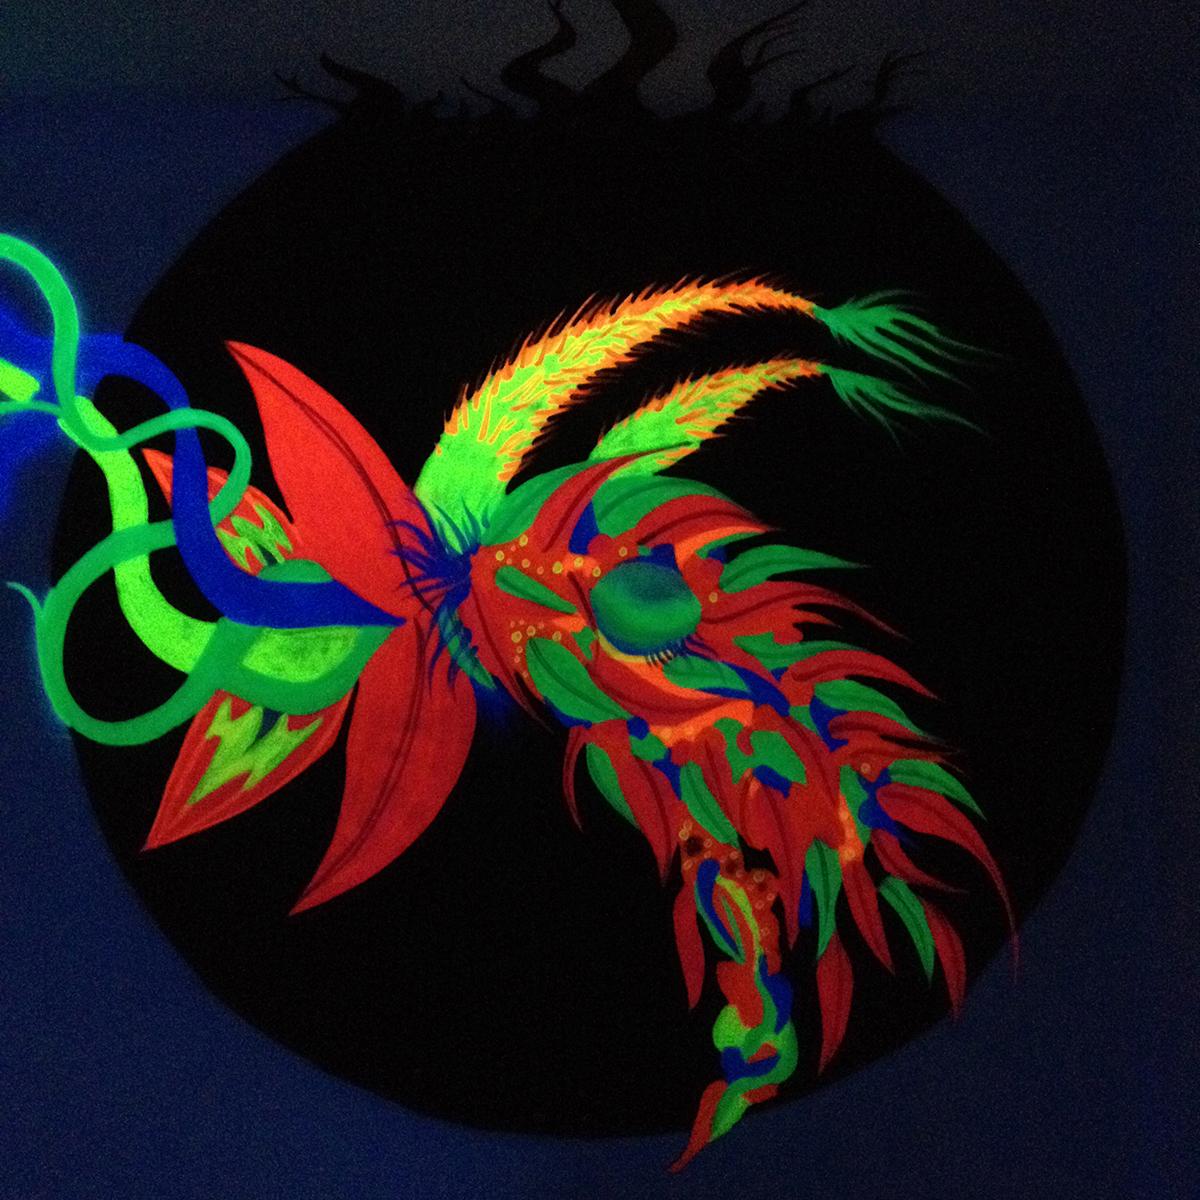 gola-hundun-new-mural-dream-floor-festival-07